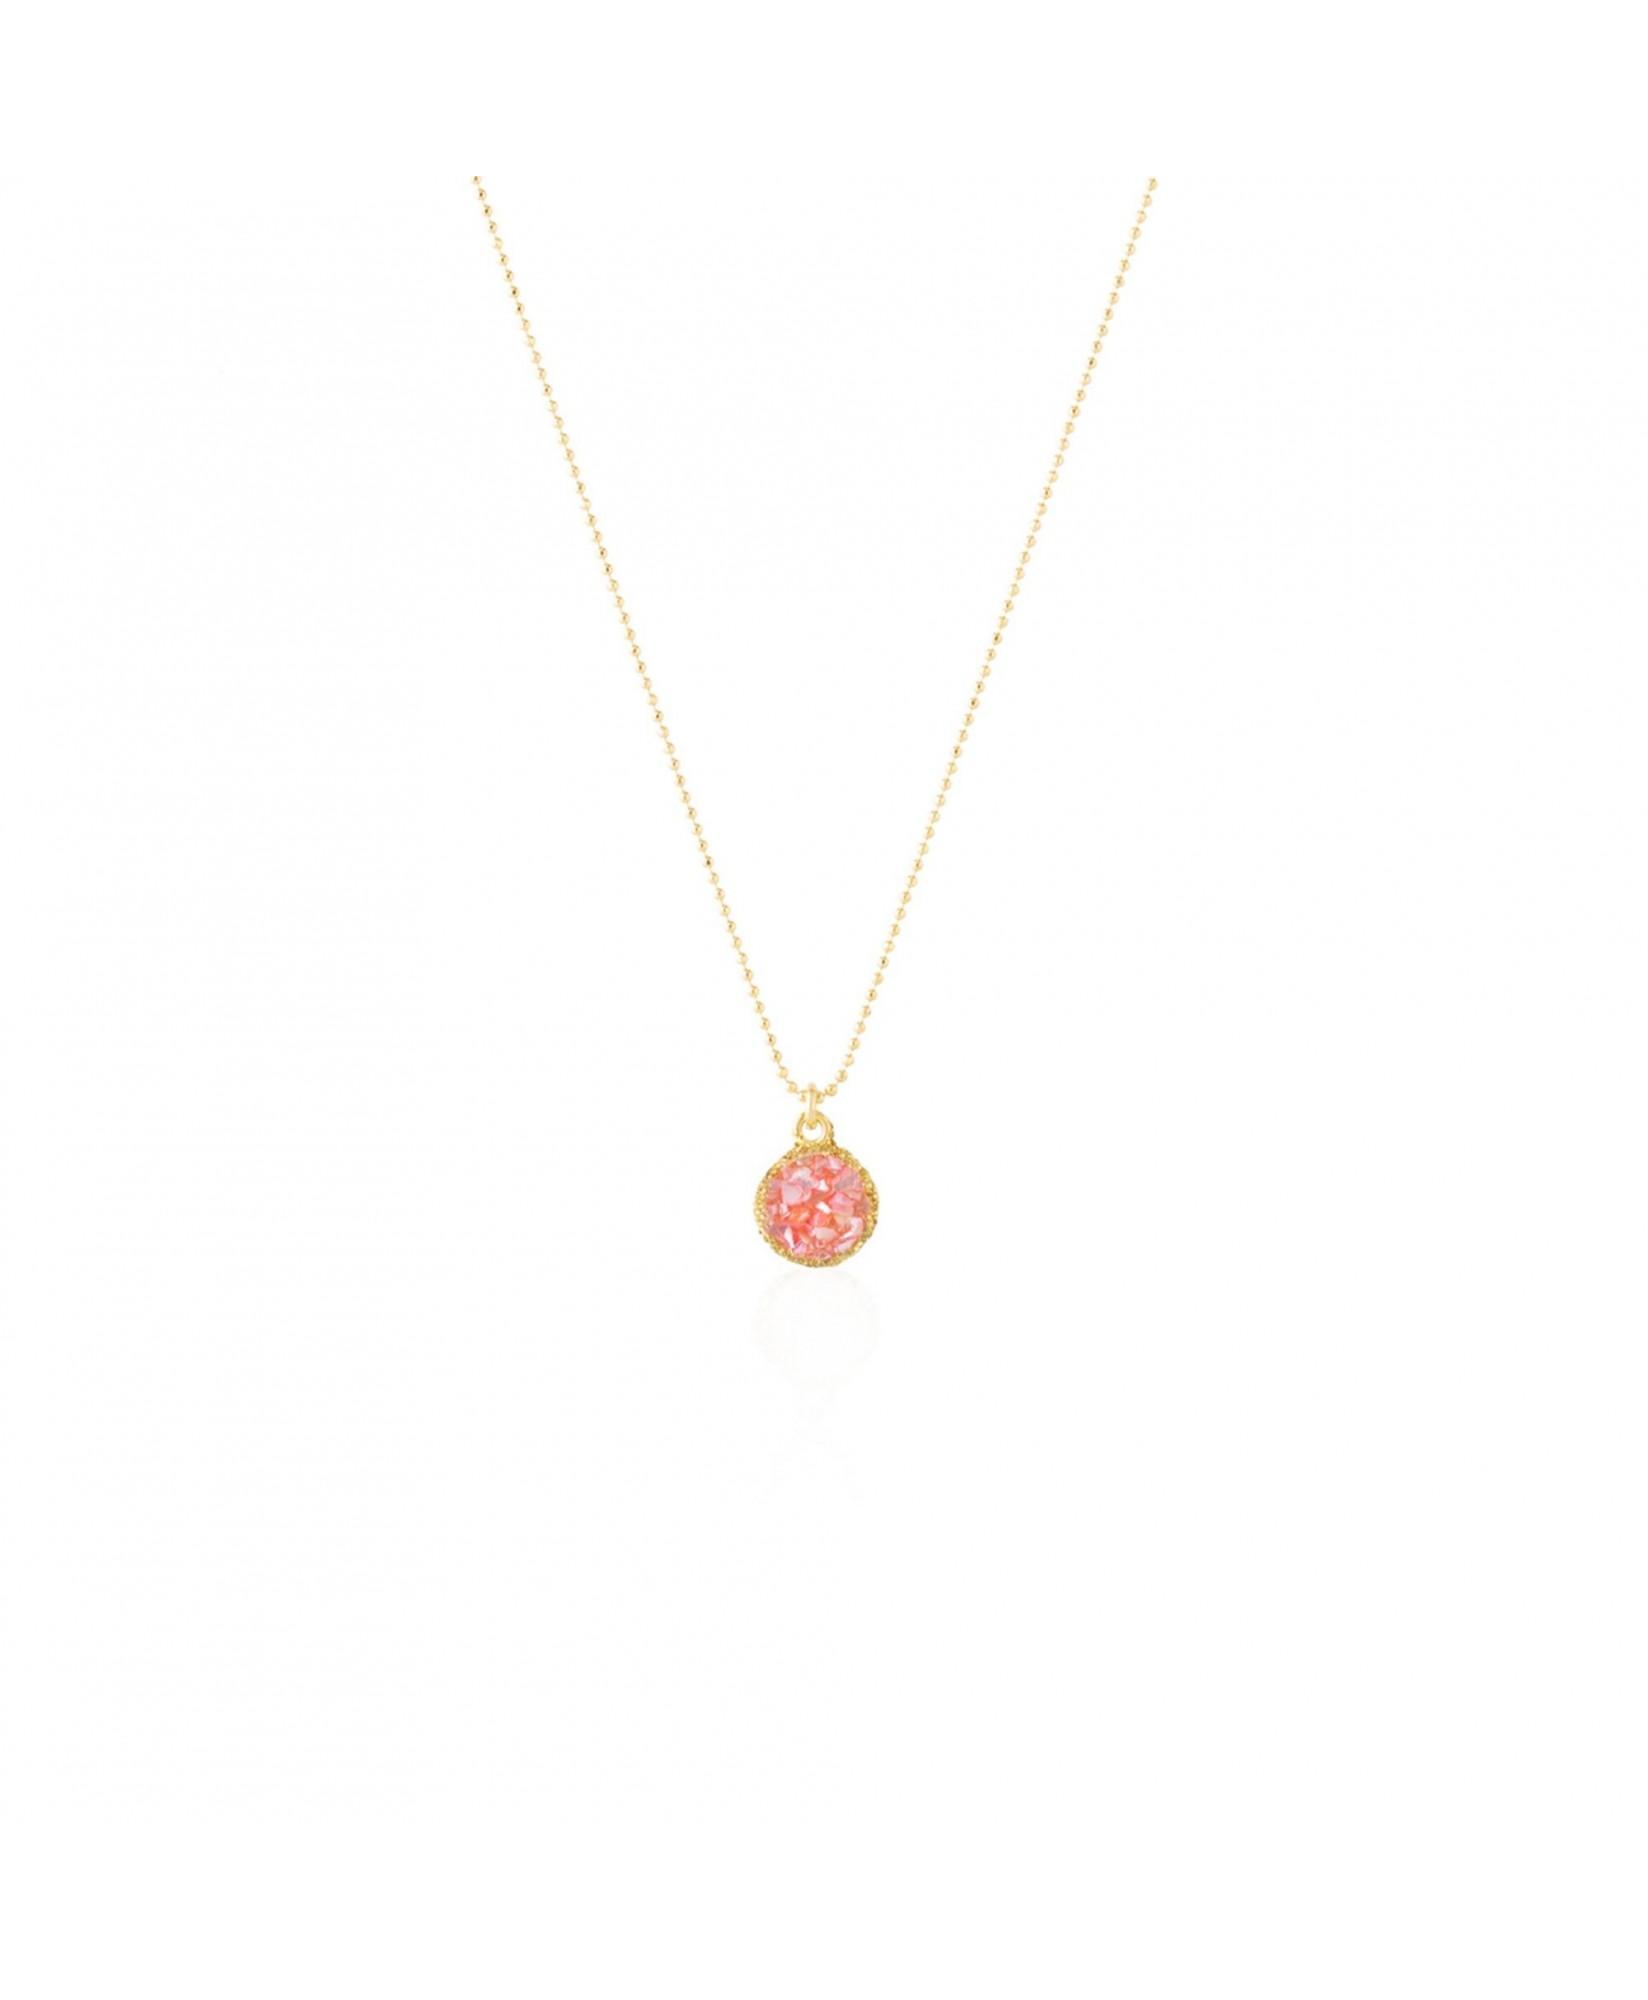 Gargantilla oro con colgante redondo Soft con nácar rosa